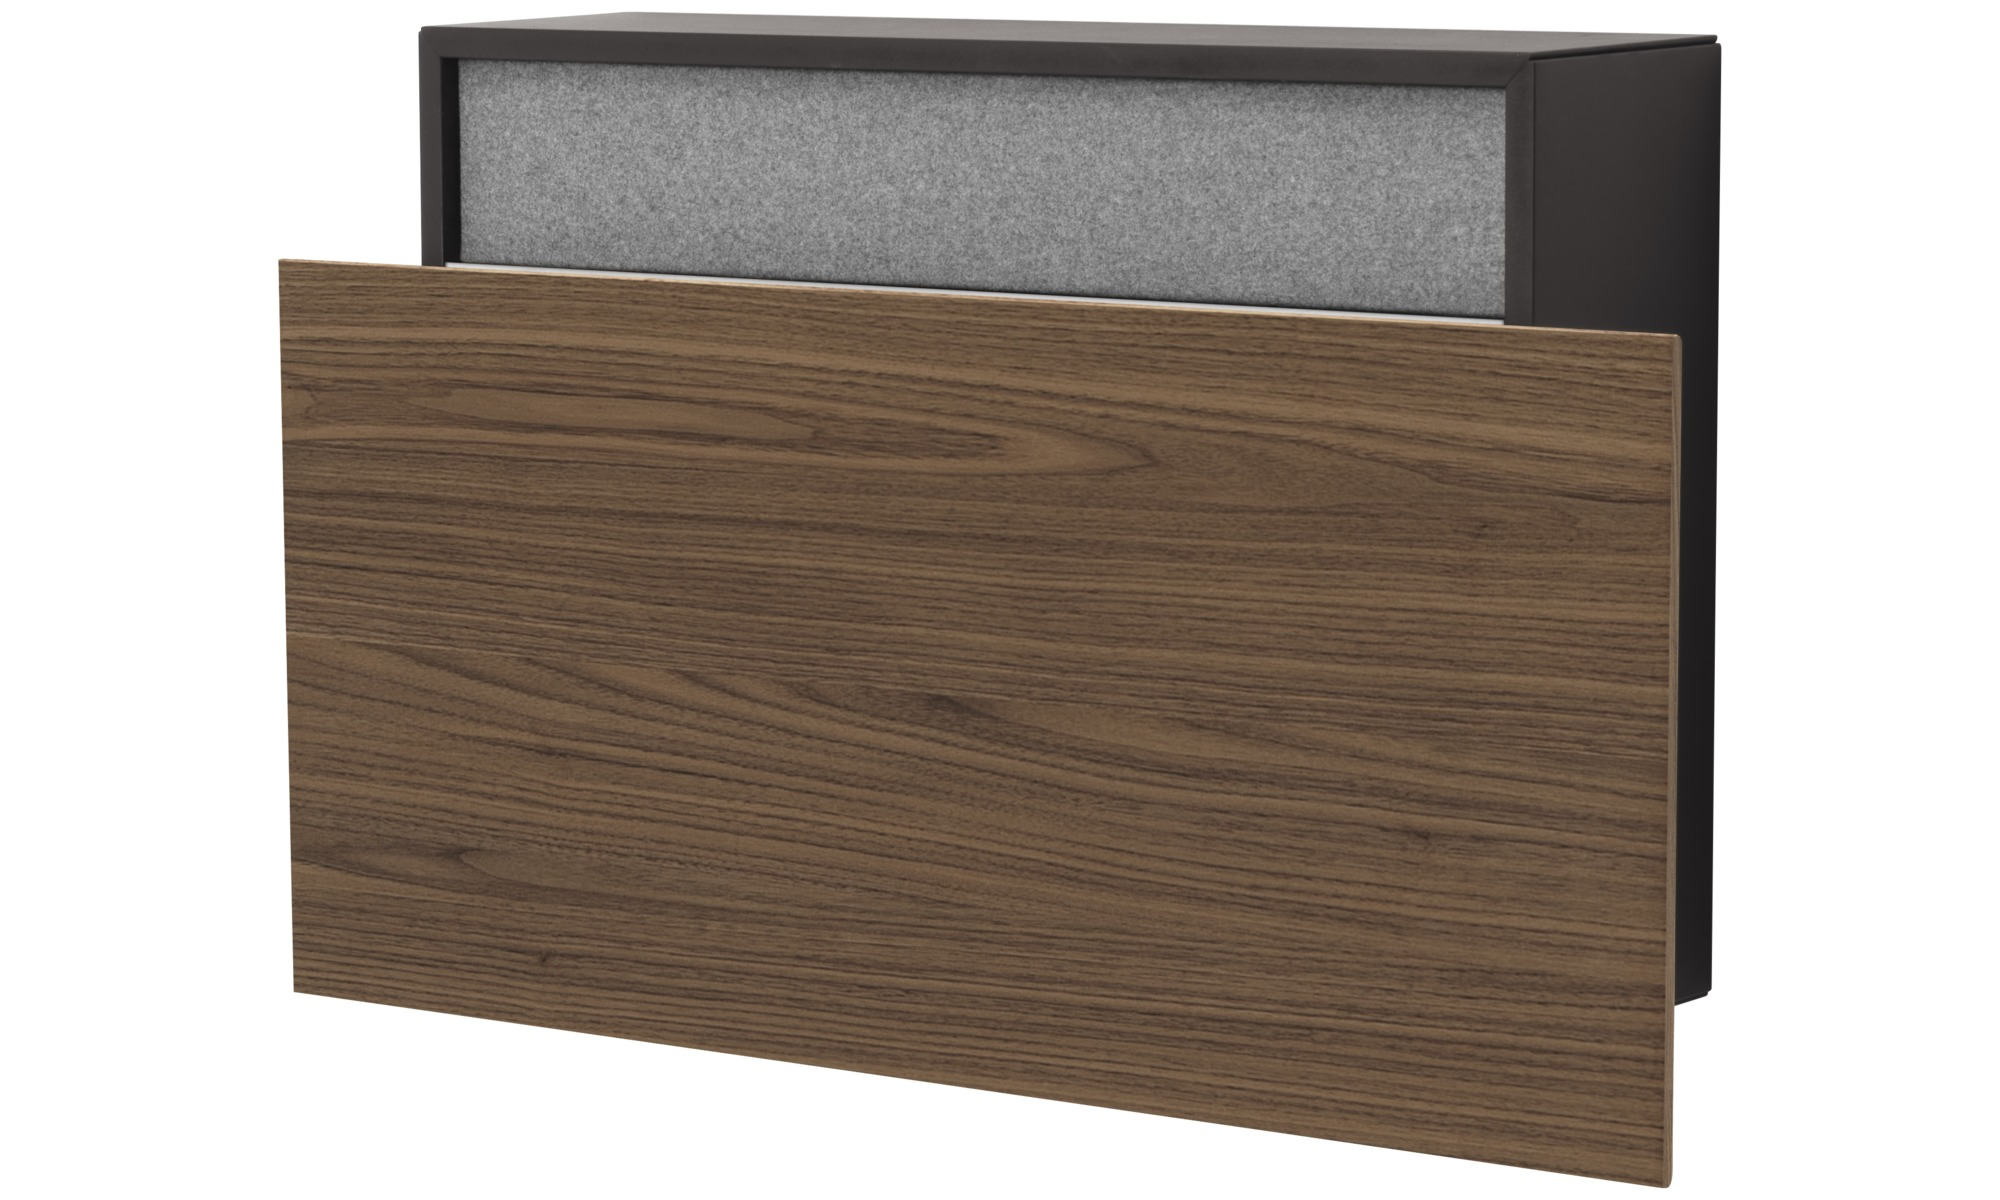 Desks - Cupertino wall office - rectangular - Black - Oak